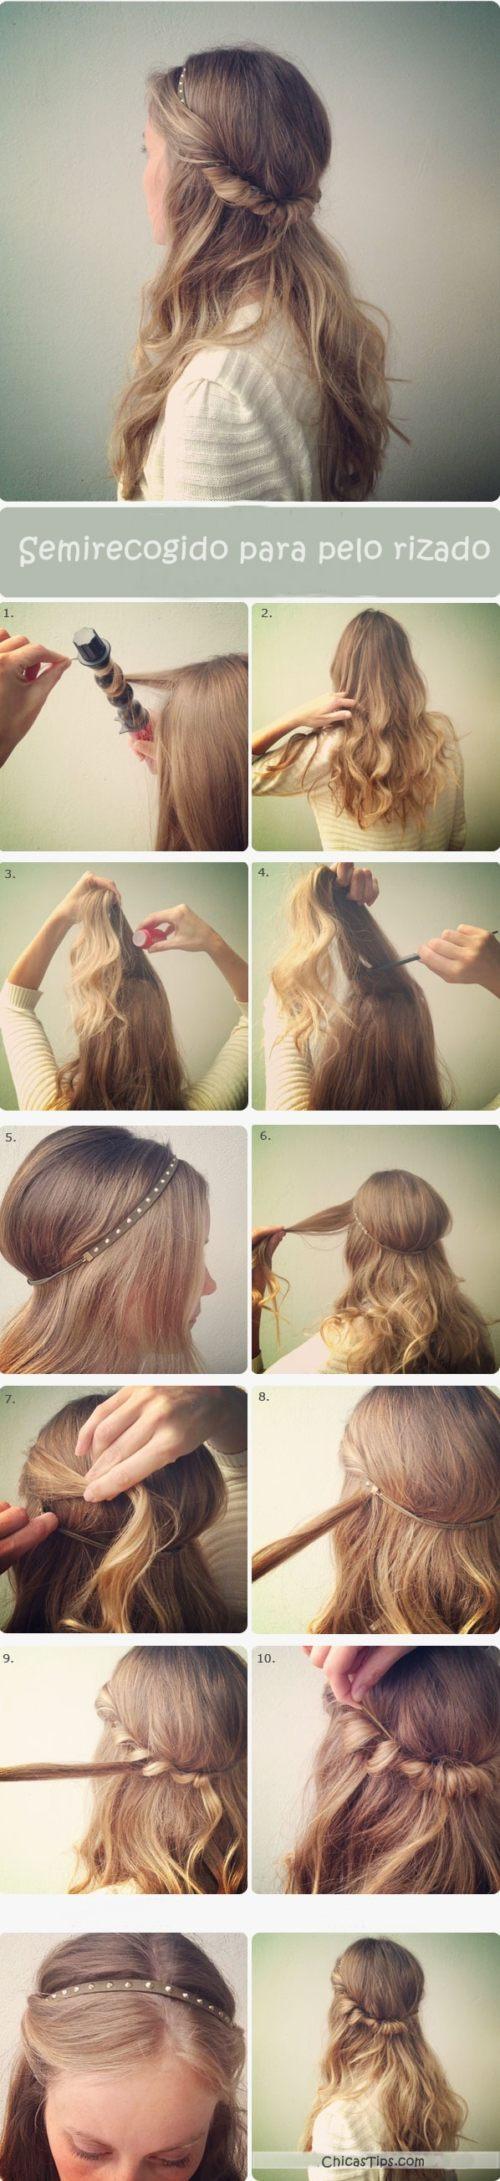 peinados faciles y rapidos para cabello rizado largo